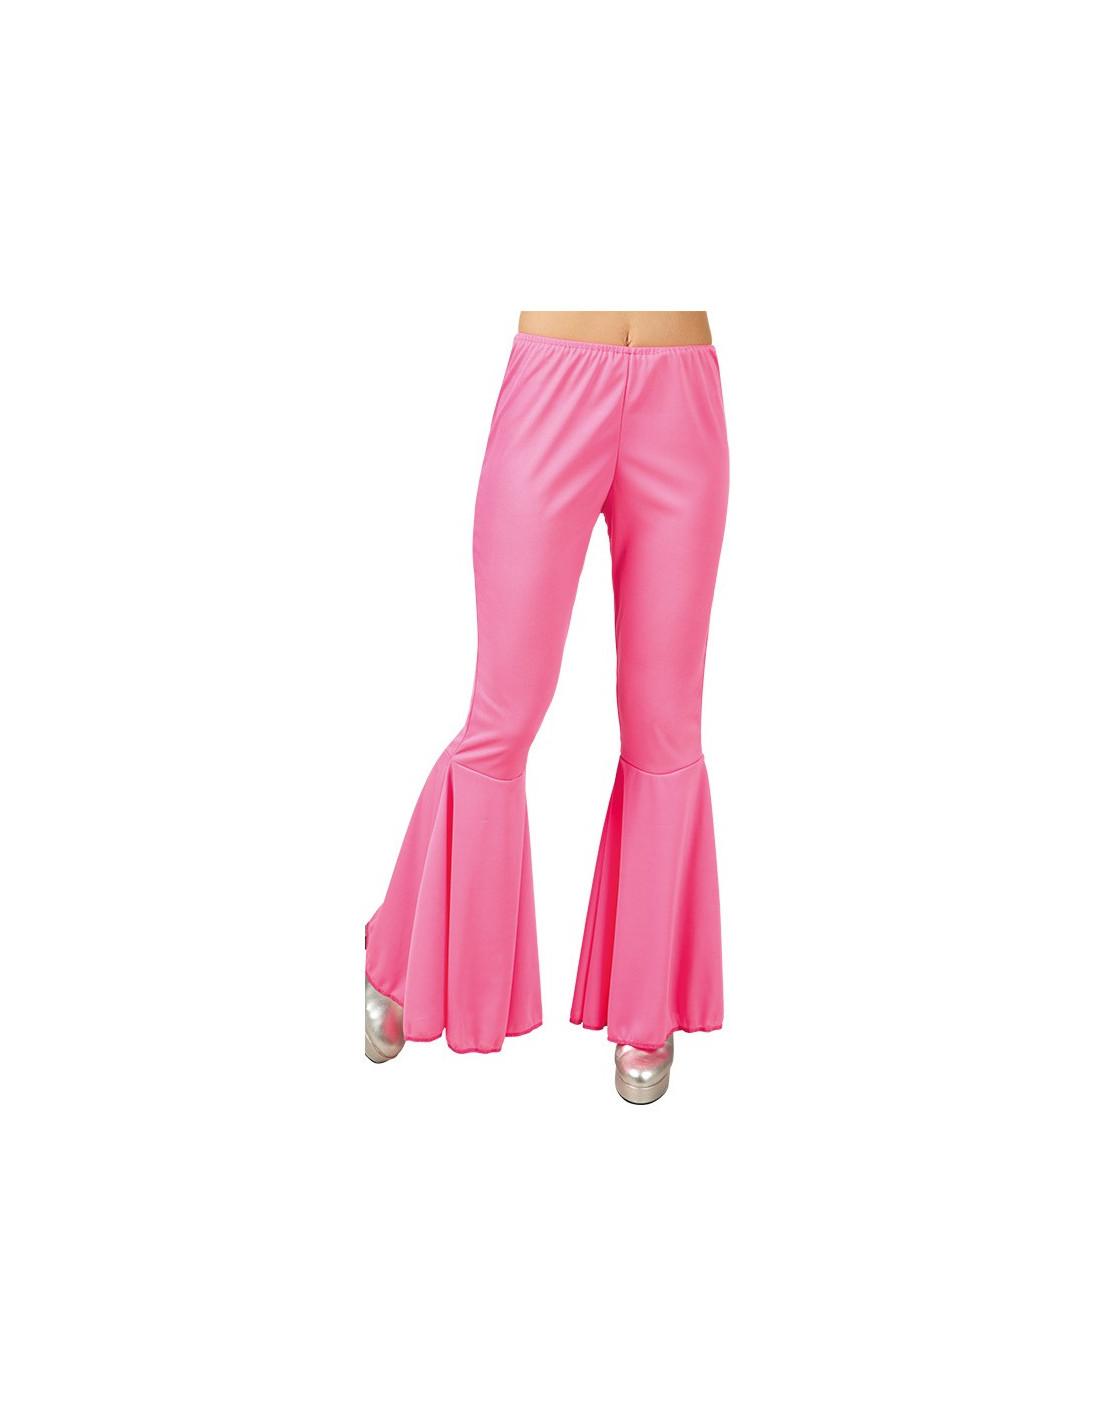 Pantalón disco acampanado para mujer - Comprar en Tienda Disfraces ...